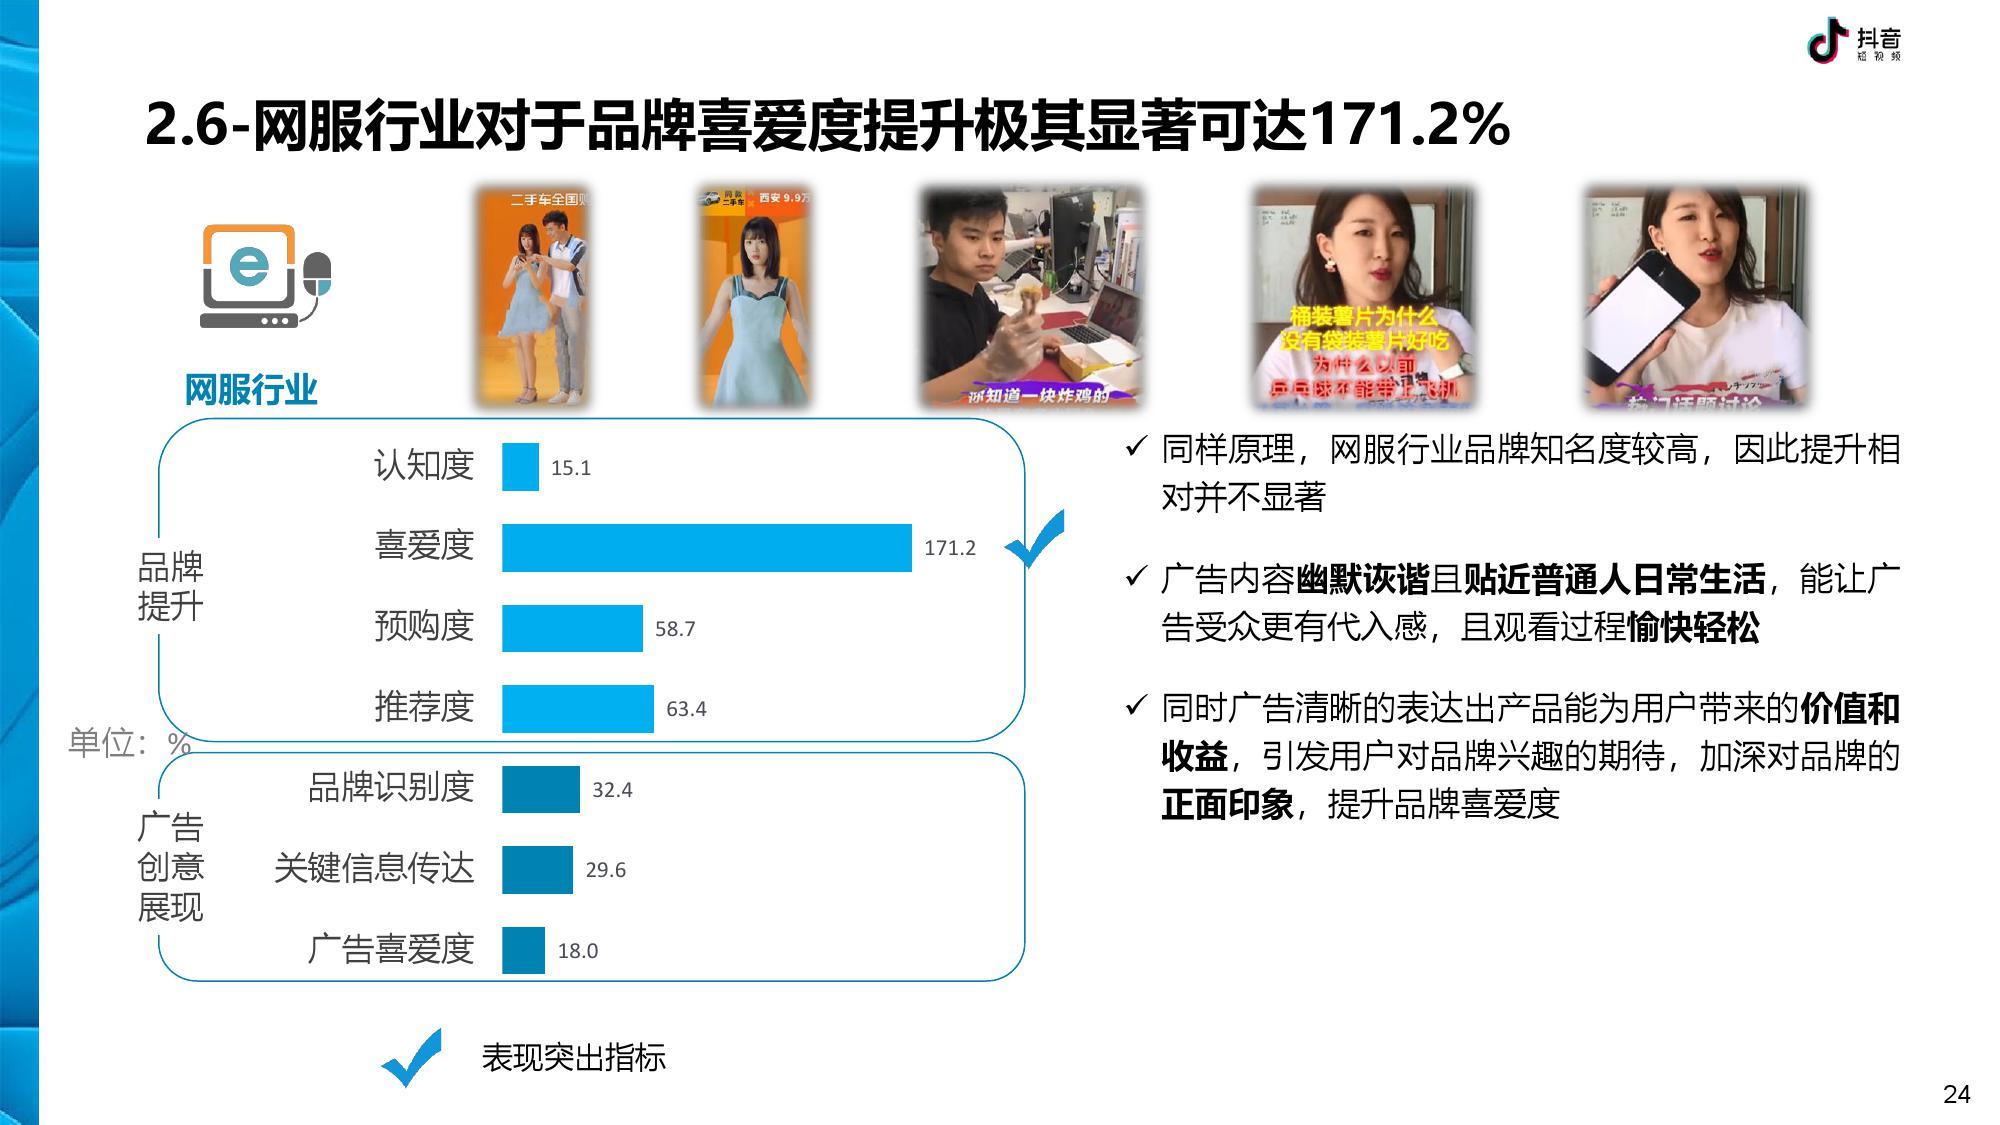 抖音 DTV 广告营销价值白皮书-CNMOAD 中文移动营销资讯 24